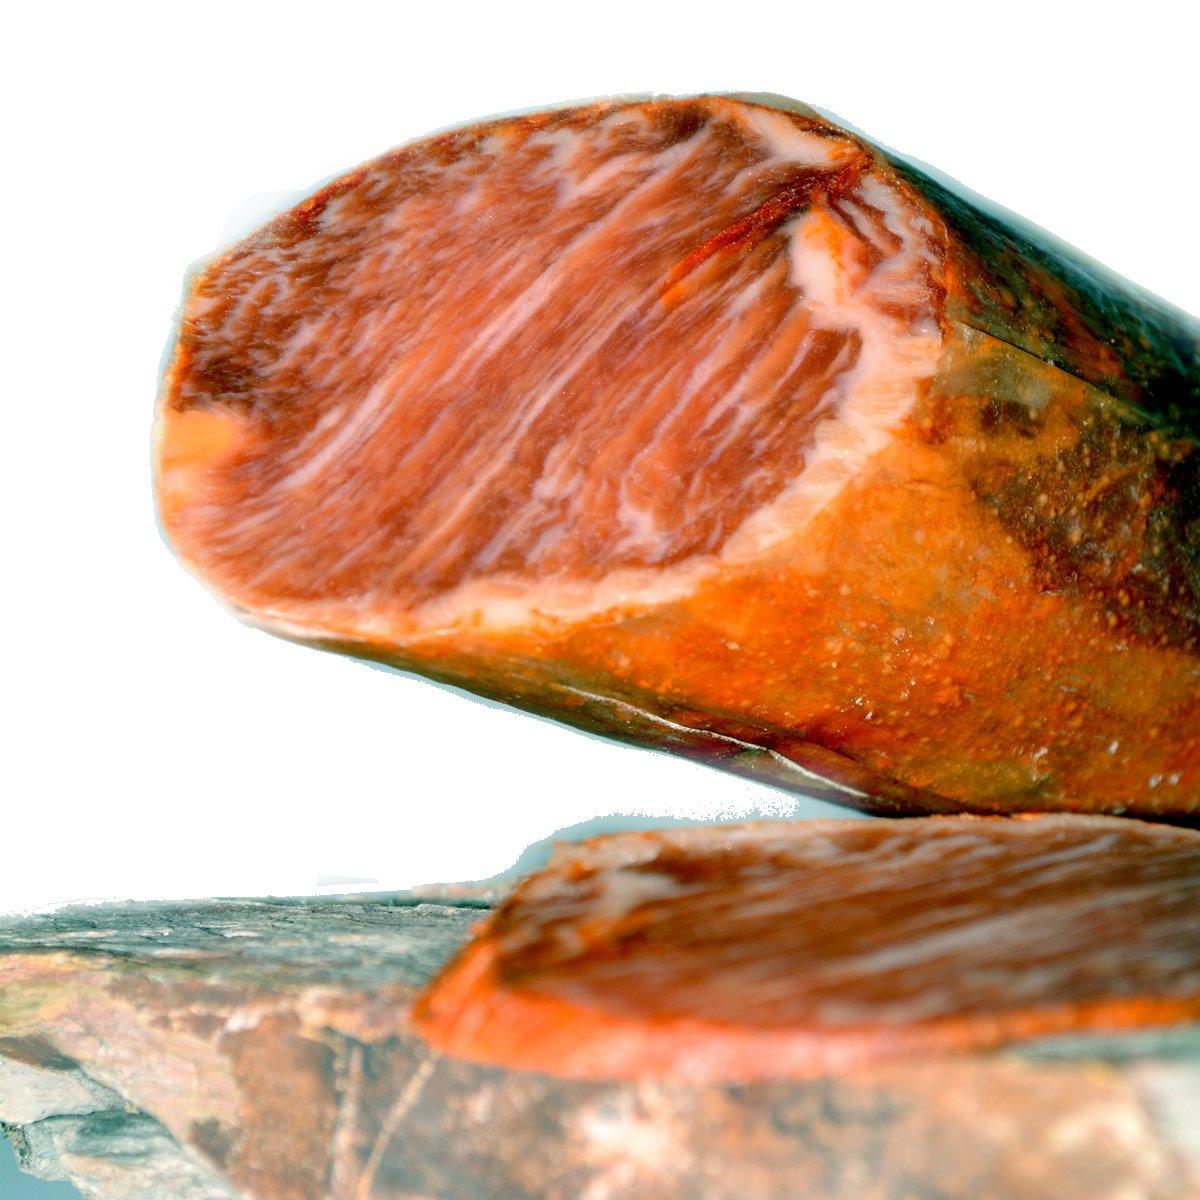 Elaboración artesanal, curación tradicional y envasado al vacio para una mejor conservación. Peso aproximado 1,350-1,550 kg: Amazon.es: Alimentación y ...